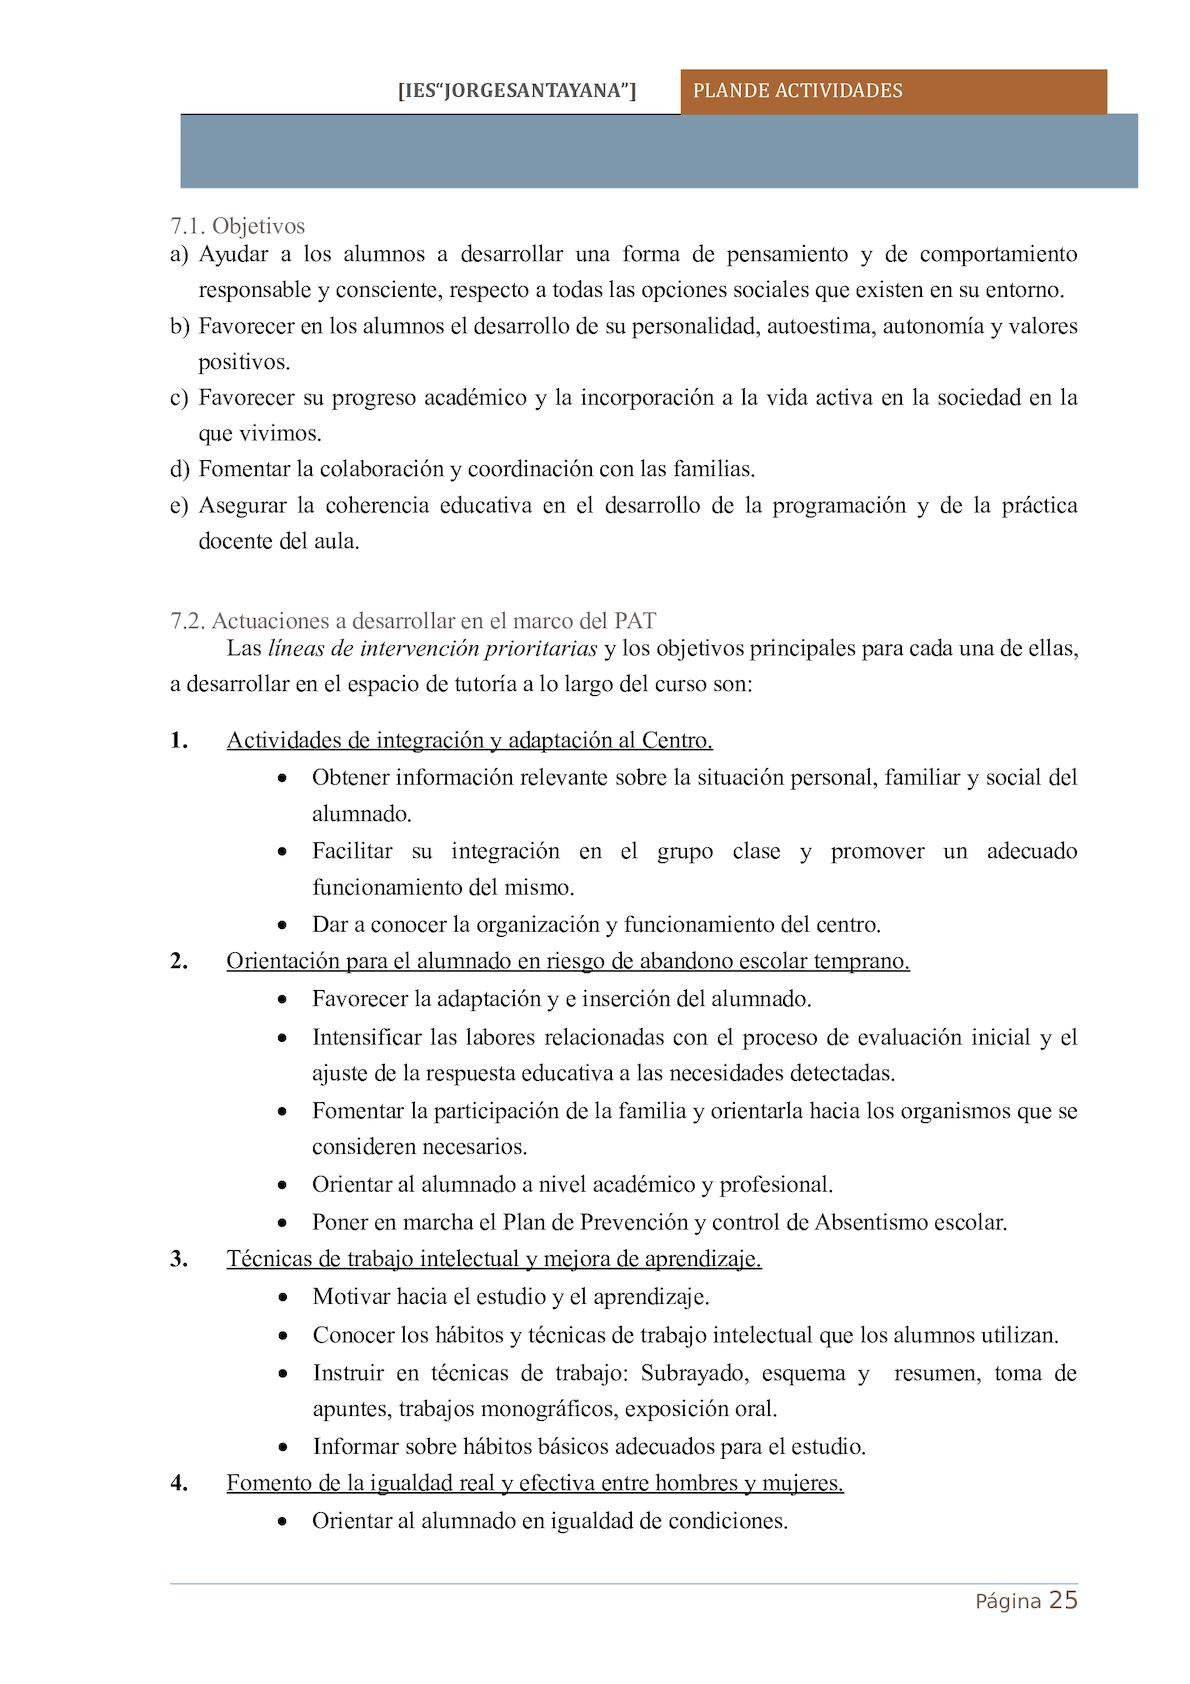 Plan De Actividades 2016 2017 - CALAMEO Downloader